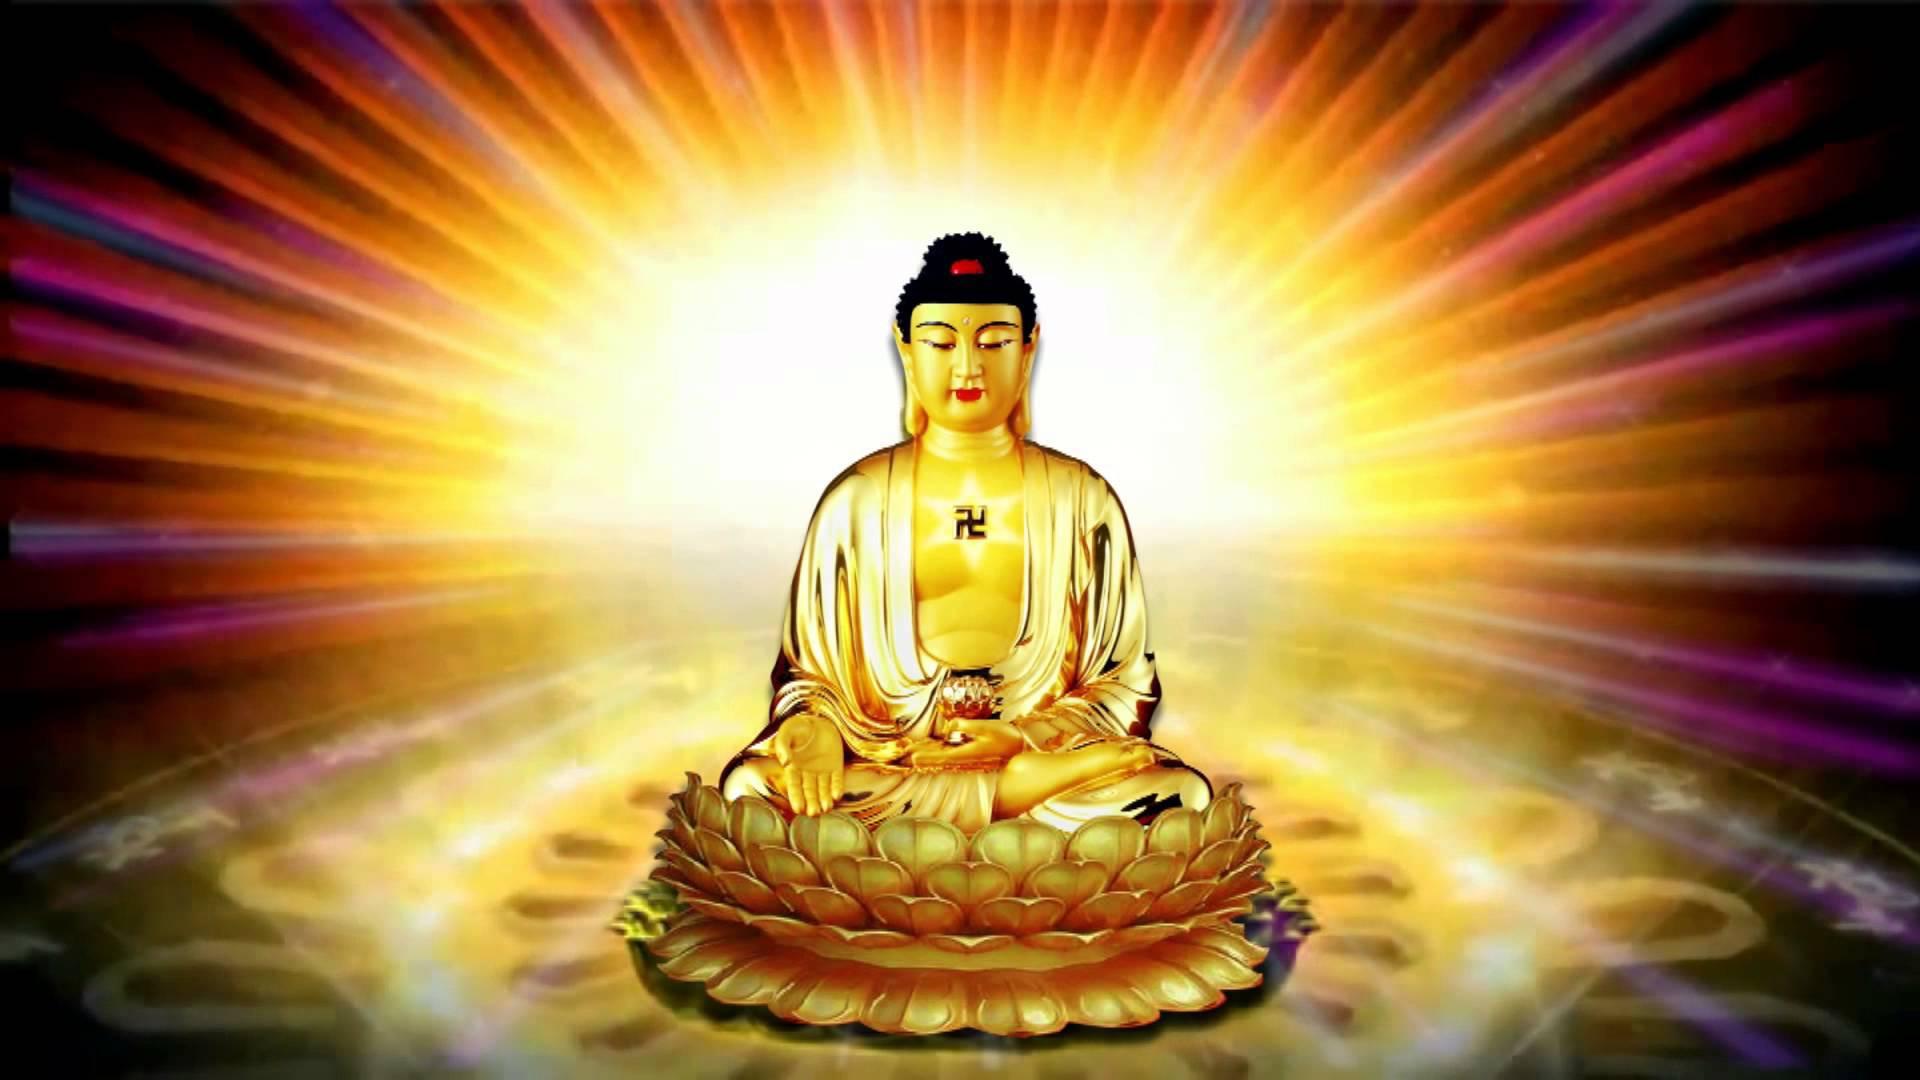 Ngôi báu thứ nhất trong Tam Bảo là Phật Bảo, ánh hào quang của vị Thầy vĩ đại soi sáng giống như ngọn hải đăng hướng dẫn và soi sáng nhân loại